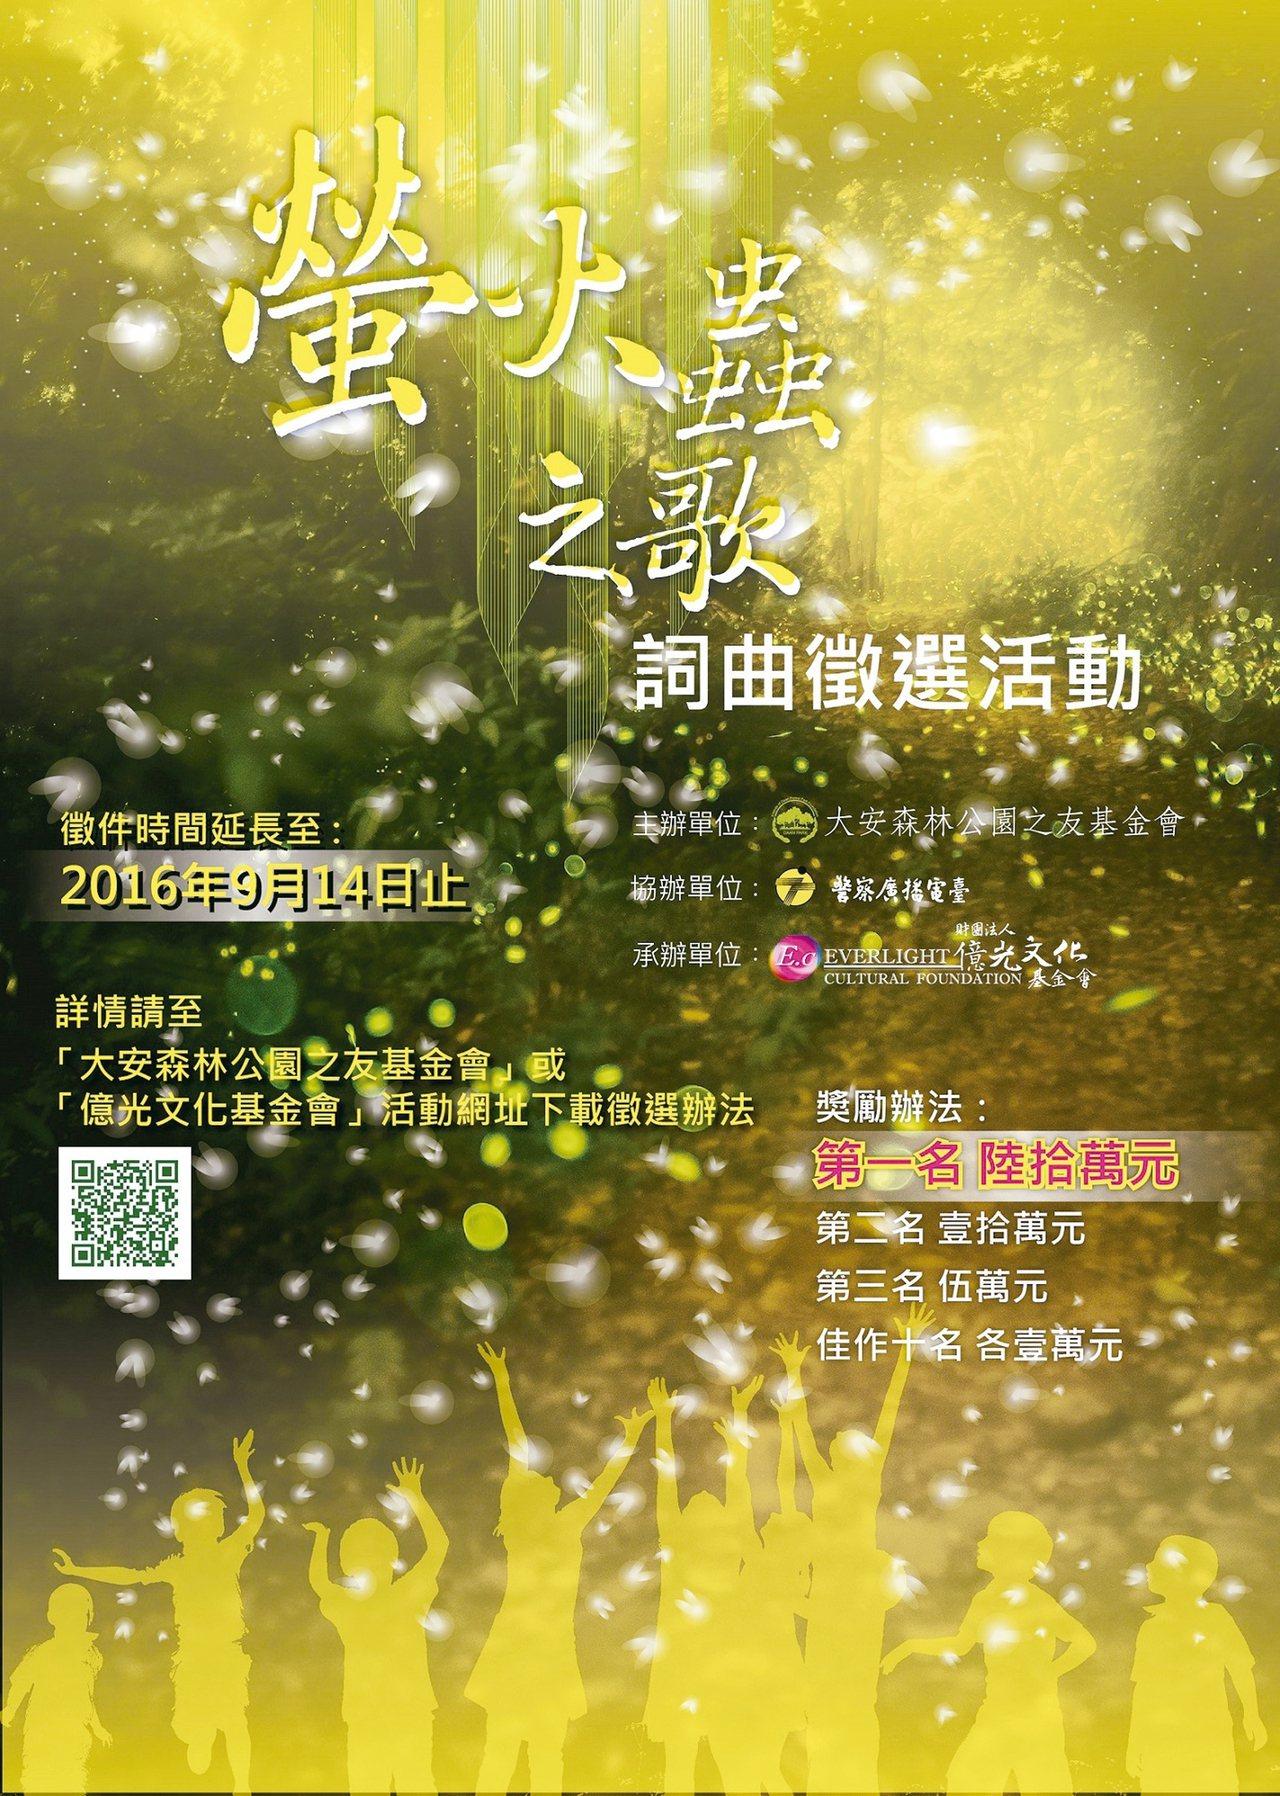 歷經激烈競爭,2017年世界螢火蟲年會的主辦權最終花落台灣。 圖/台北市觀光傳播...